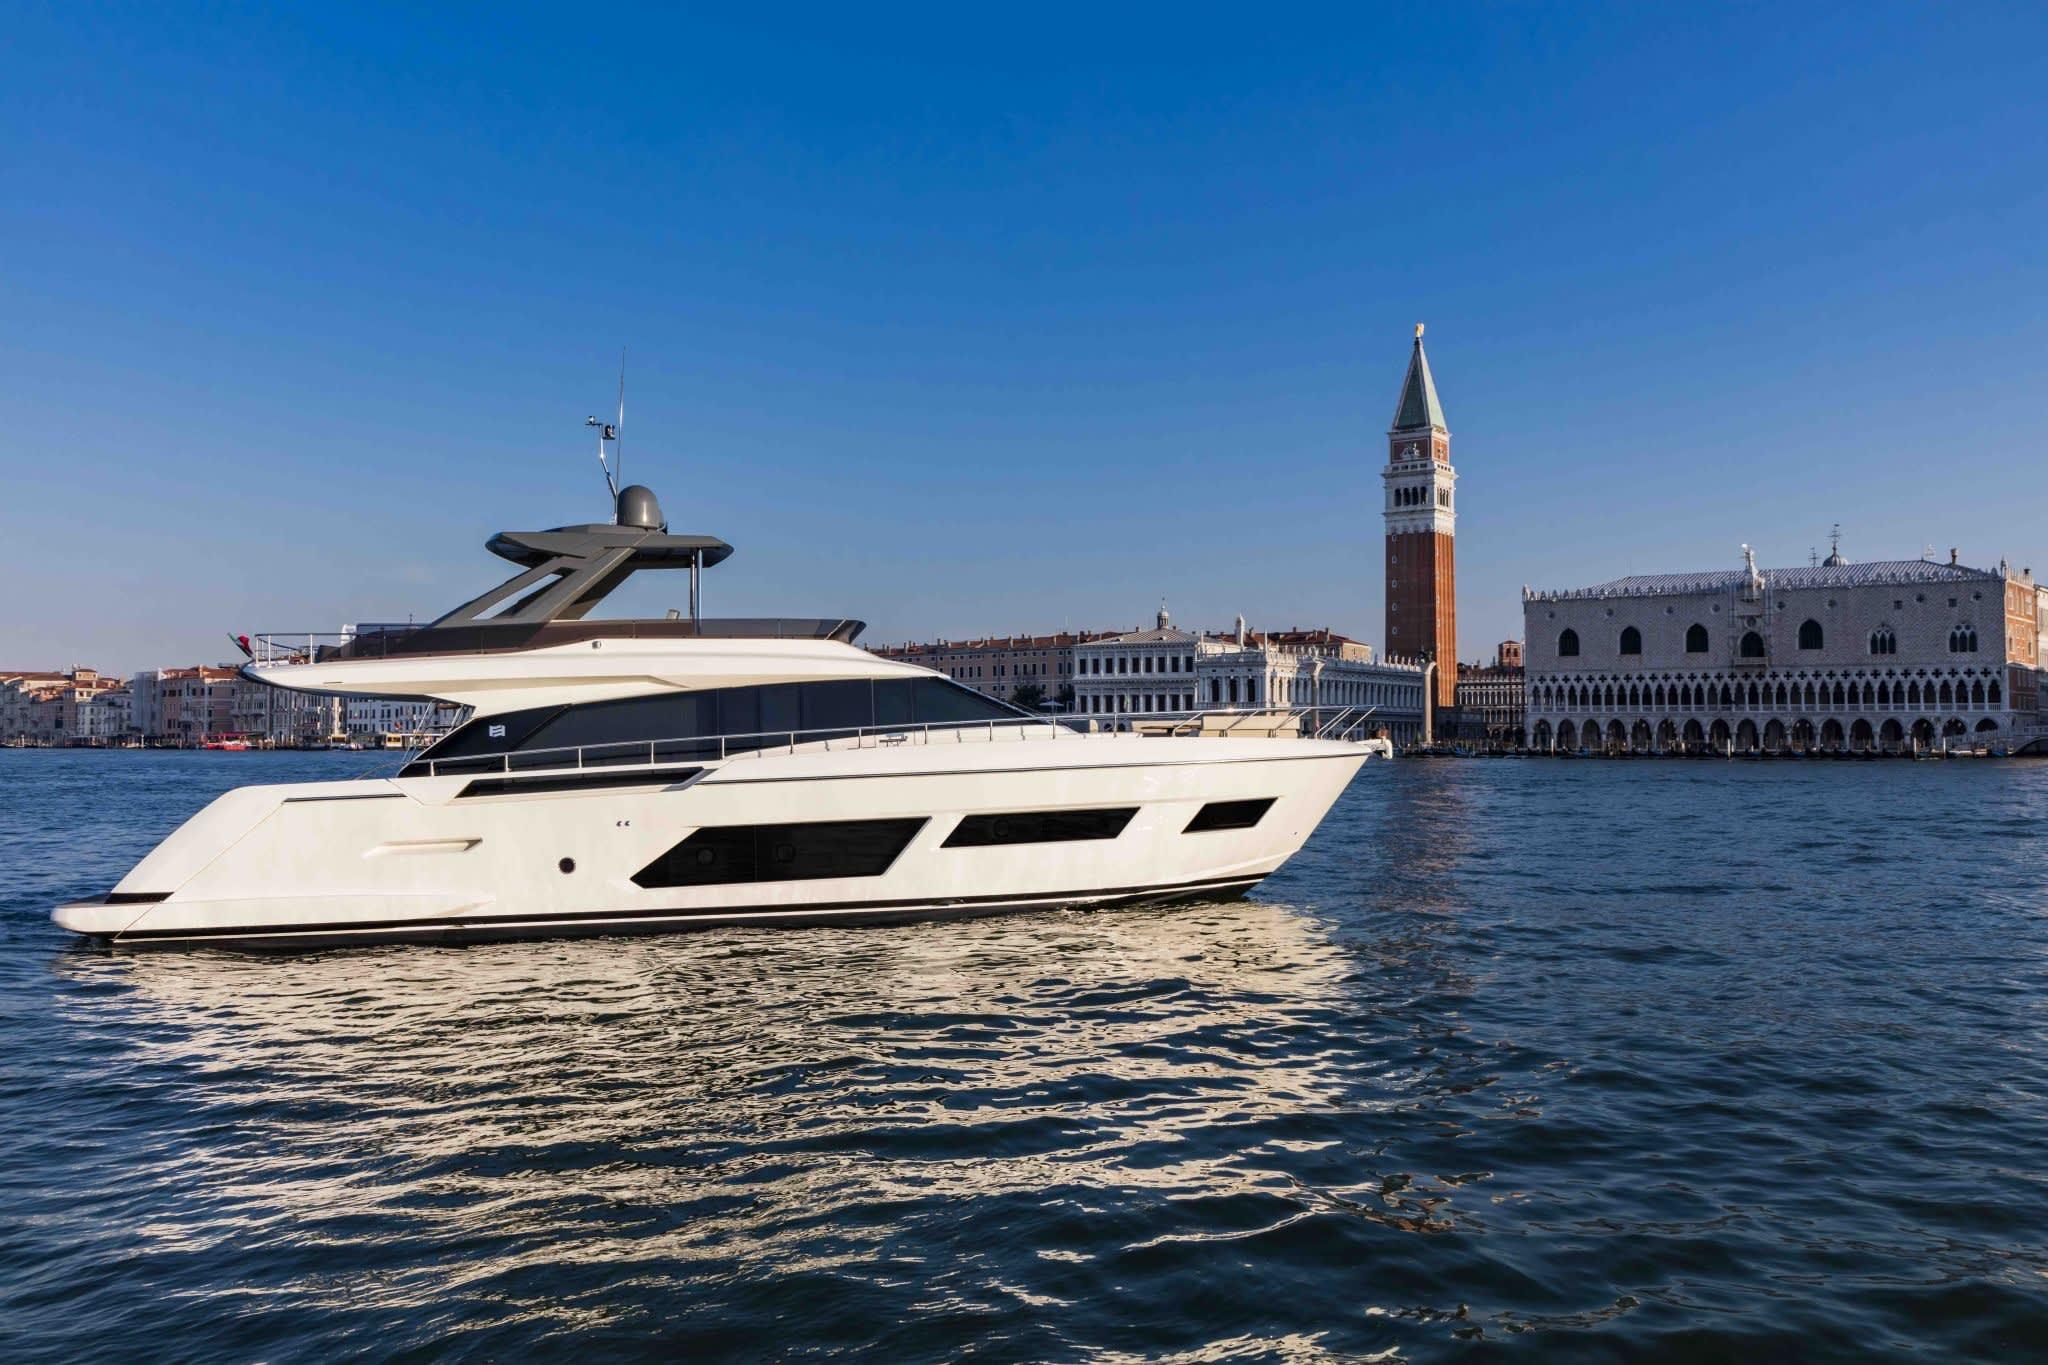 Ferretti Yachts 670 - Du thuyền lái nóc sang trọng, đẳng cấp, đáp ứng mọi kỳ vọng